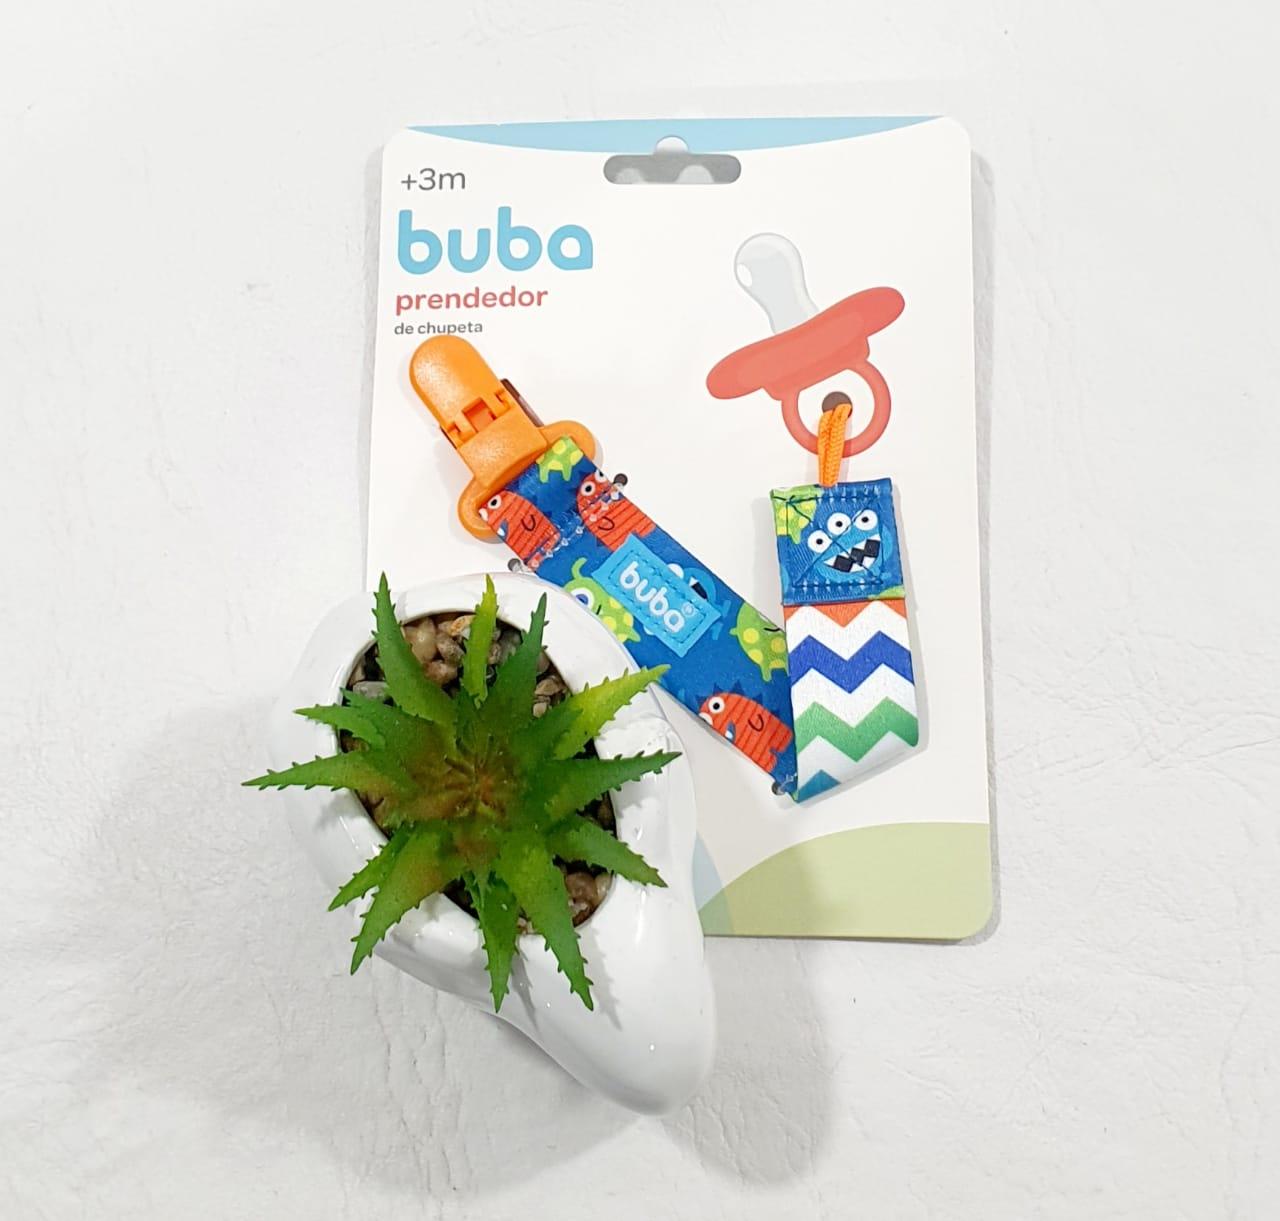 Prendedor de Chupeta- Buba